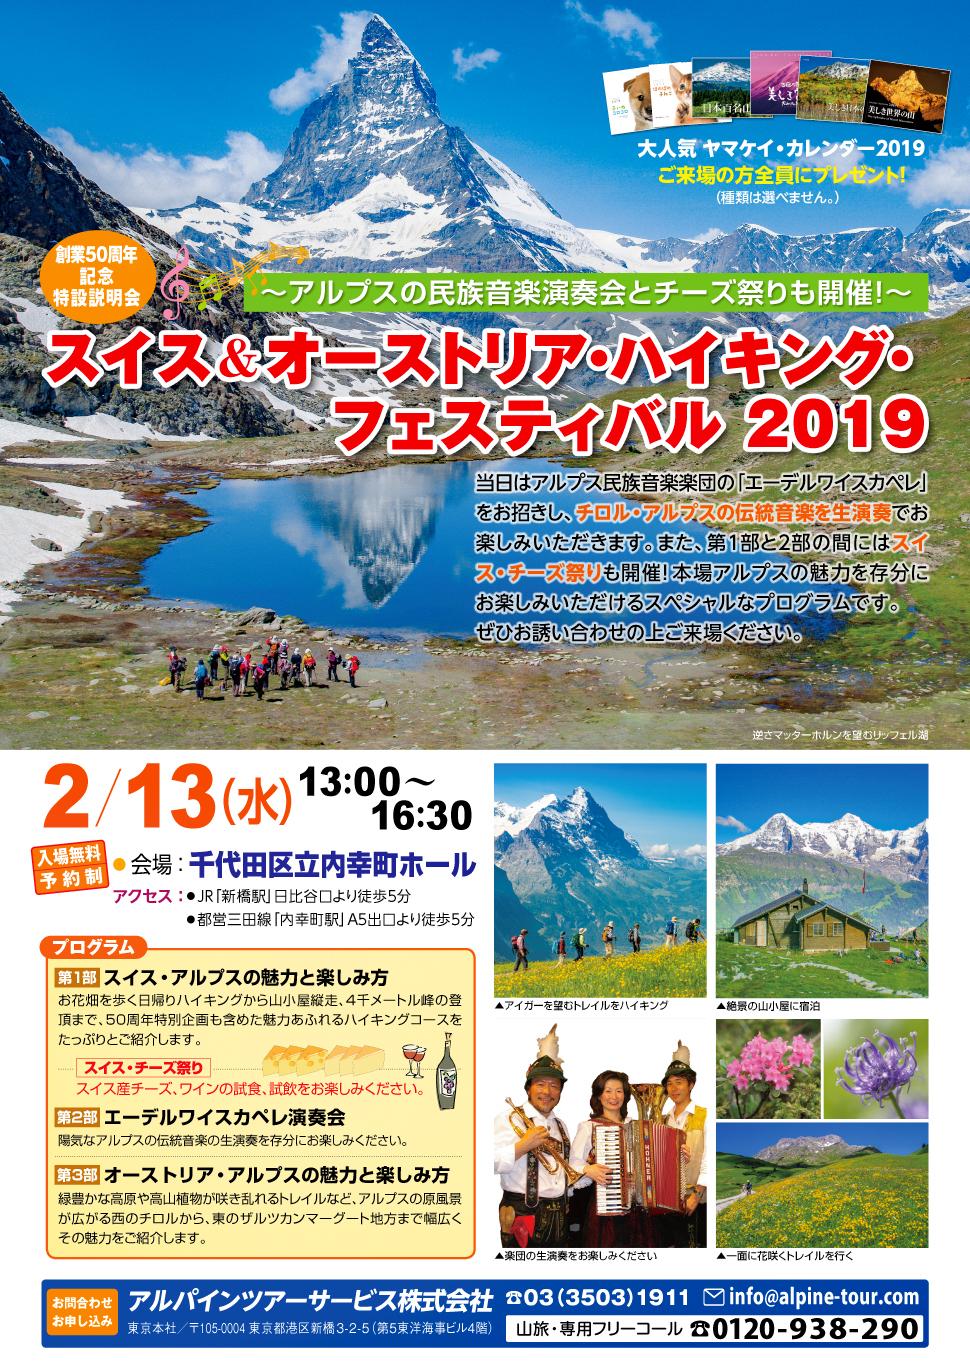 【東京】スイス&オーストリア・ハイキング・フェスティバル2019